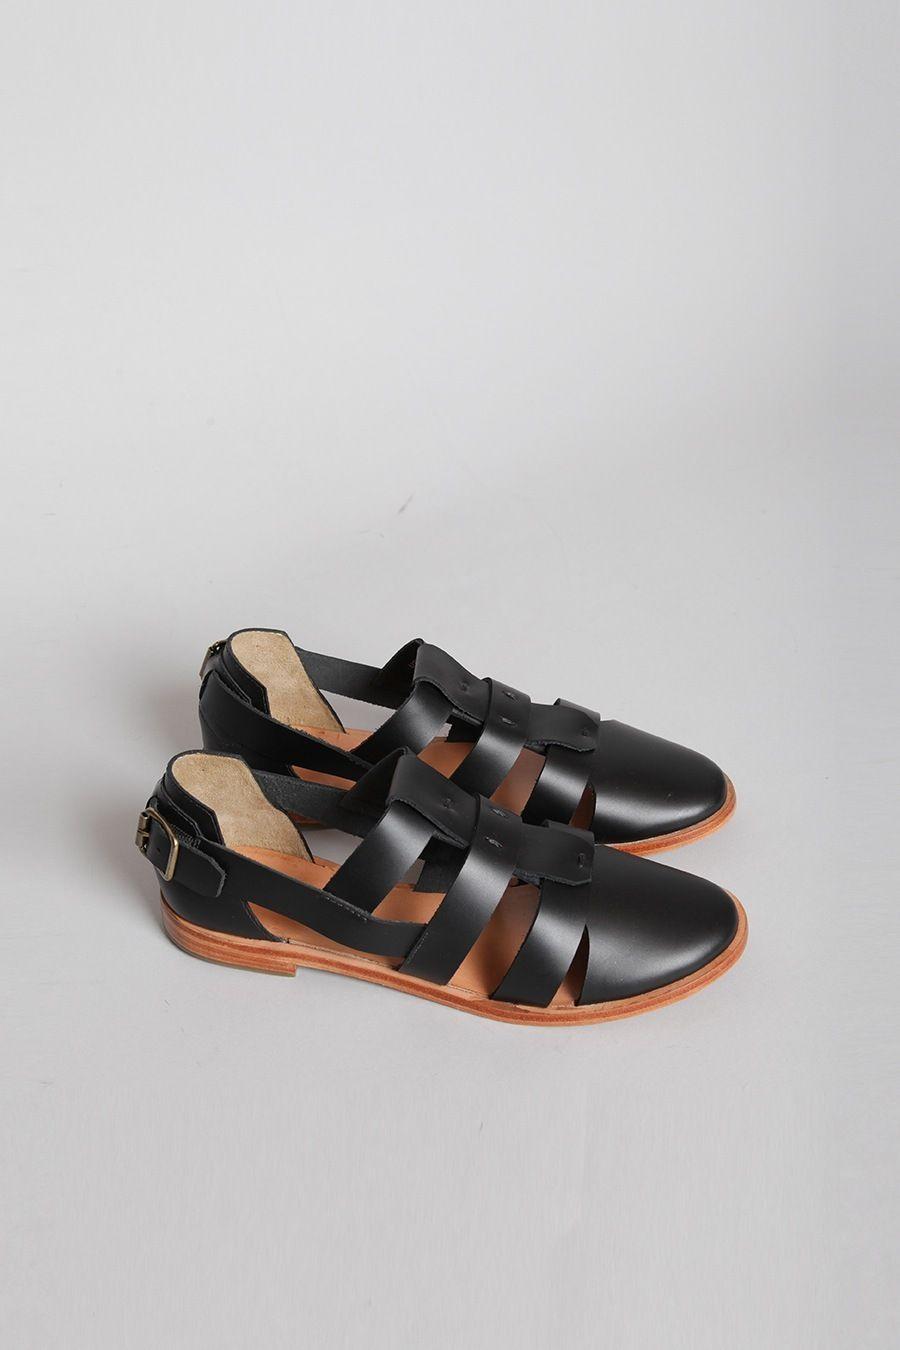 Mine Rachel Comey Fero Goods In 2019 Shoes Shoes